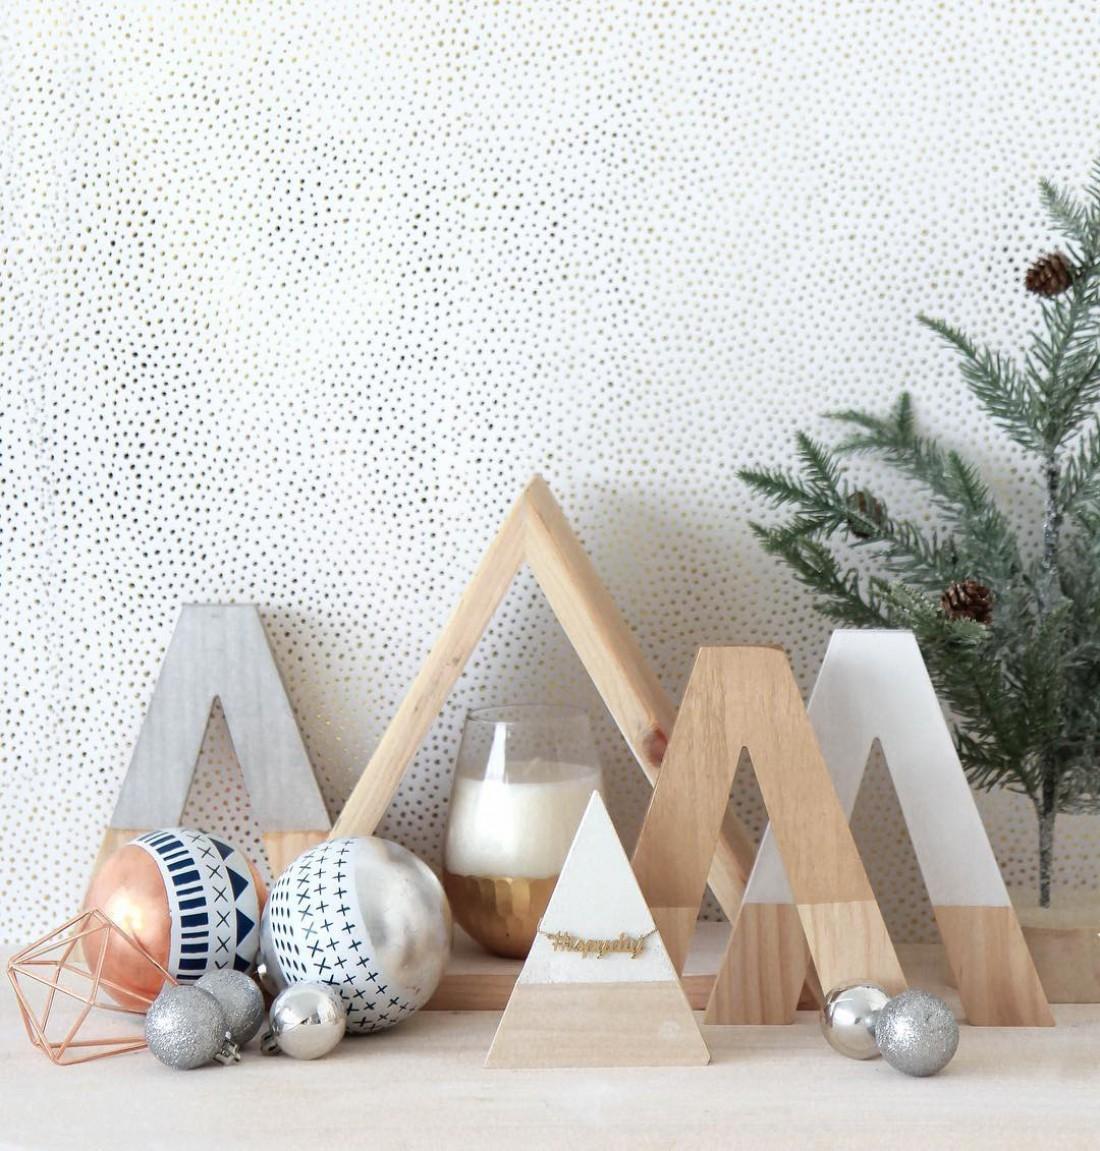 Идеи, как украсить дом к Новому году 2017, ищи в Instagram